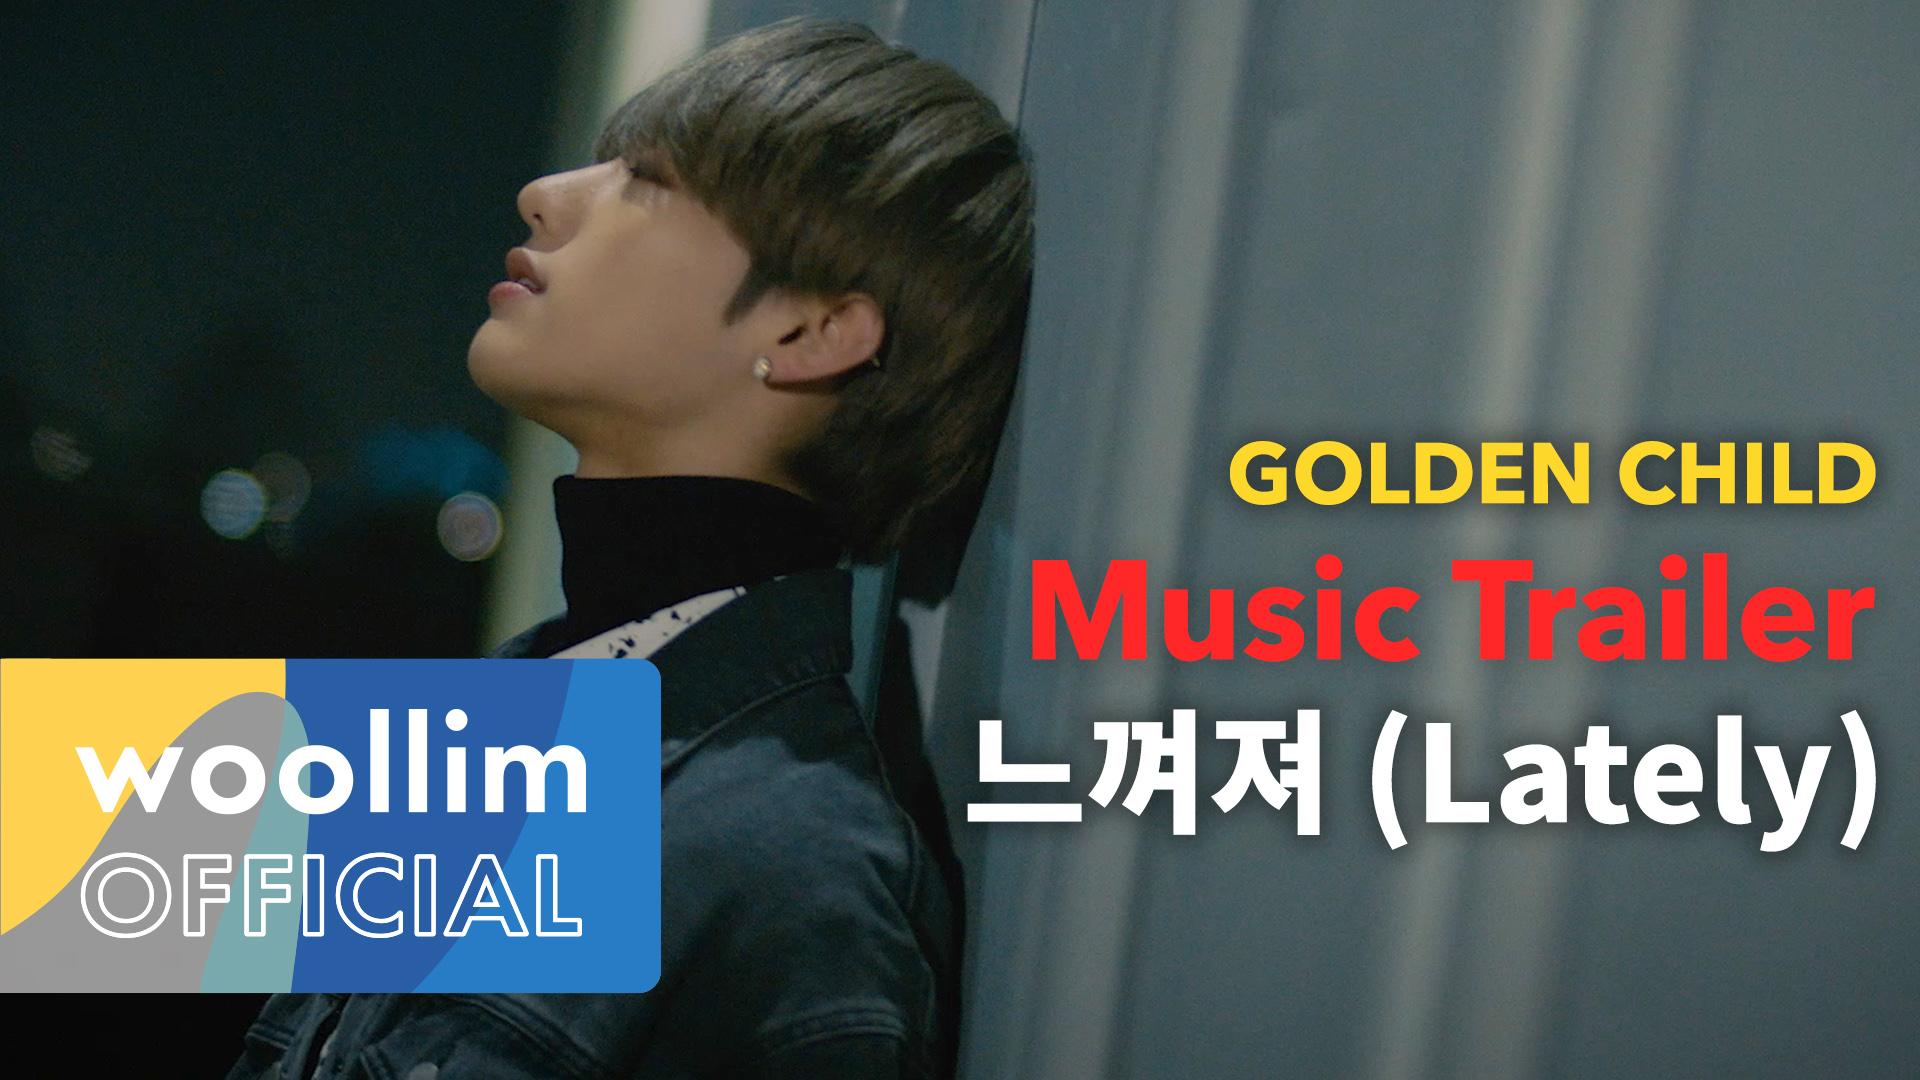 """골든차일드(Golden Child) """"느껴져 (Lately)"""" Music Trailer"""